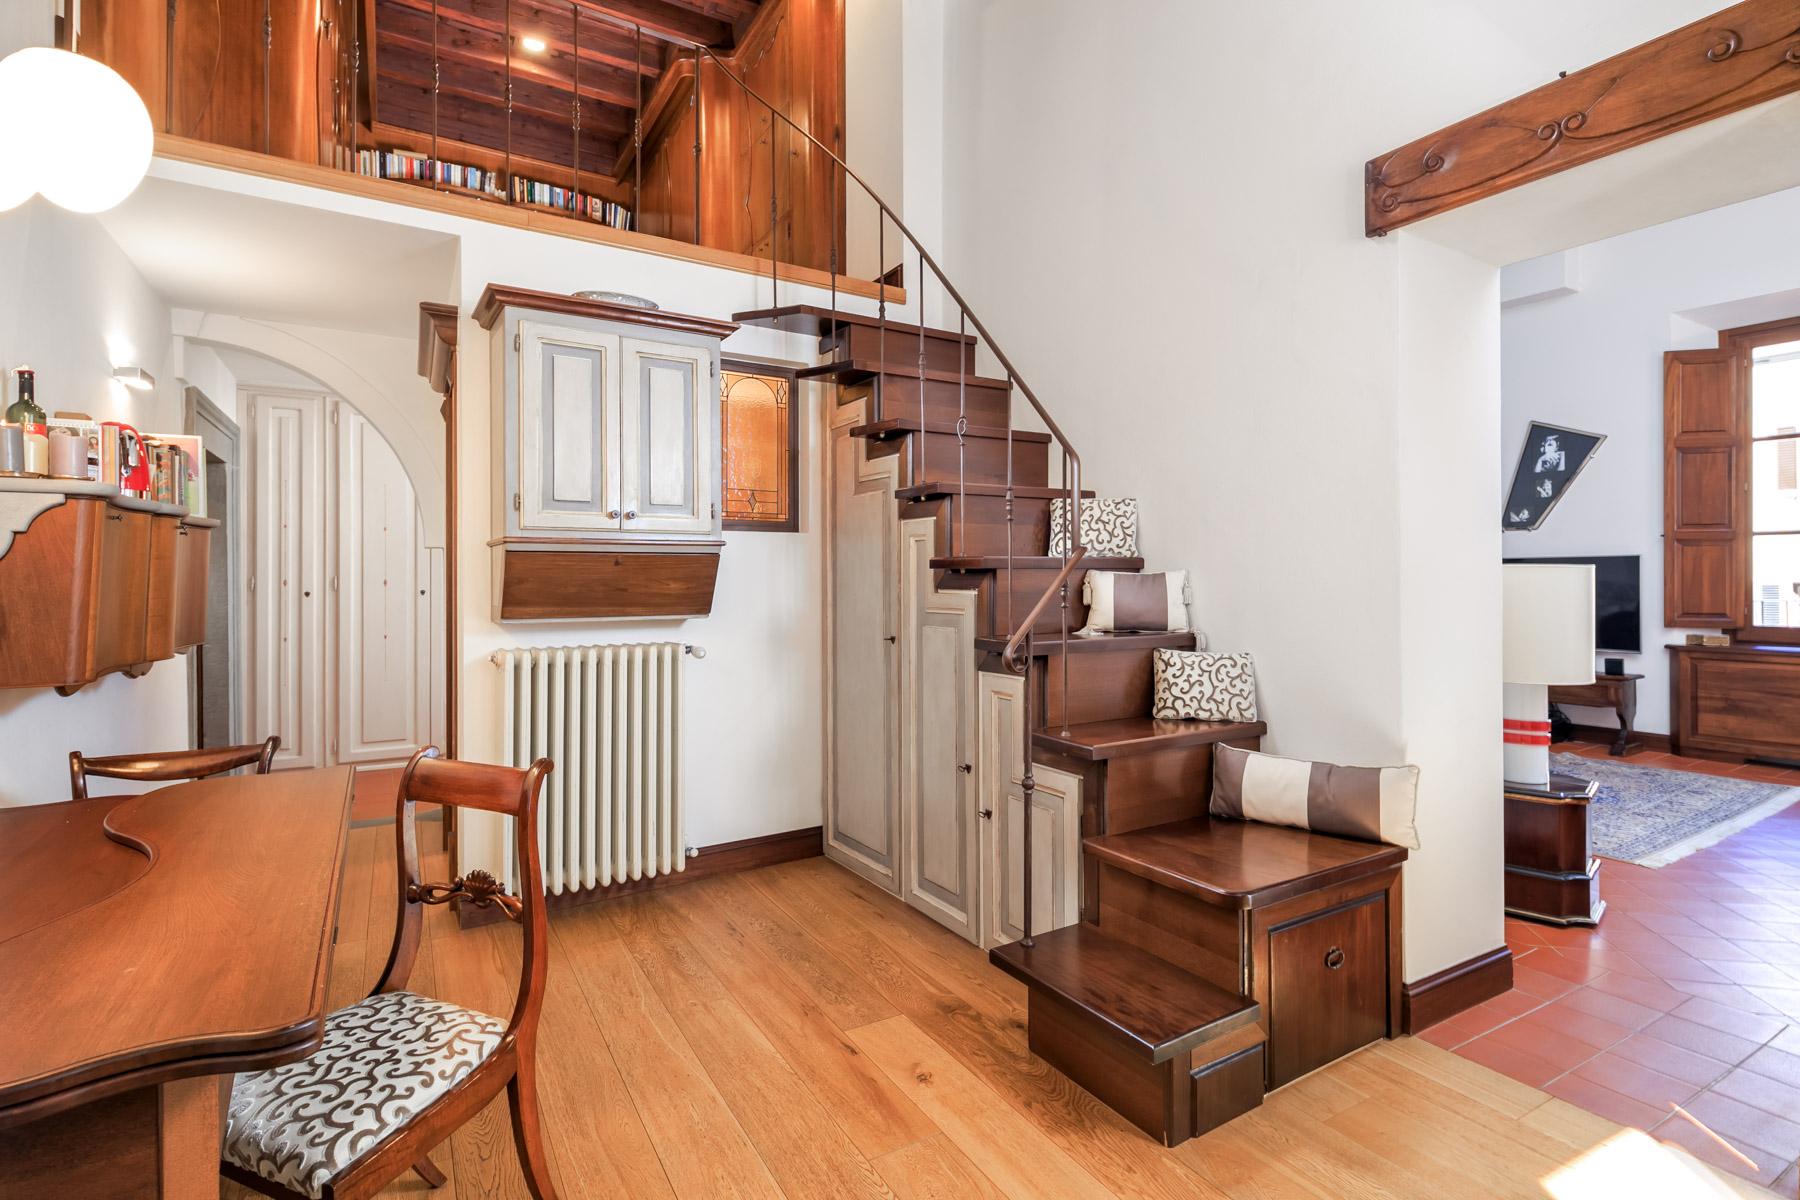 Appartamento in Vendita a Lucca: 5 locali, 130 mq - Foto 4